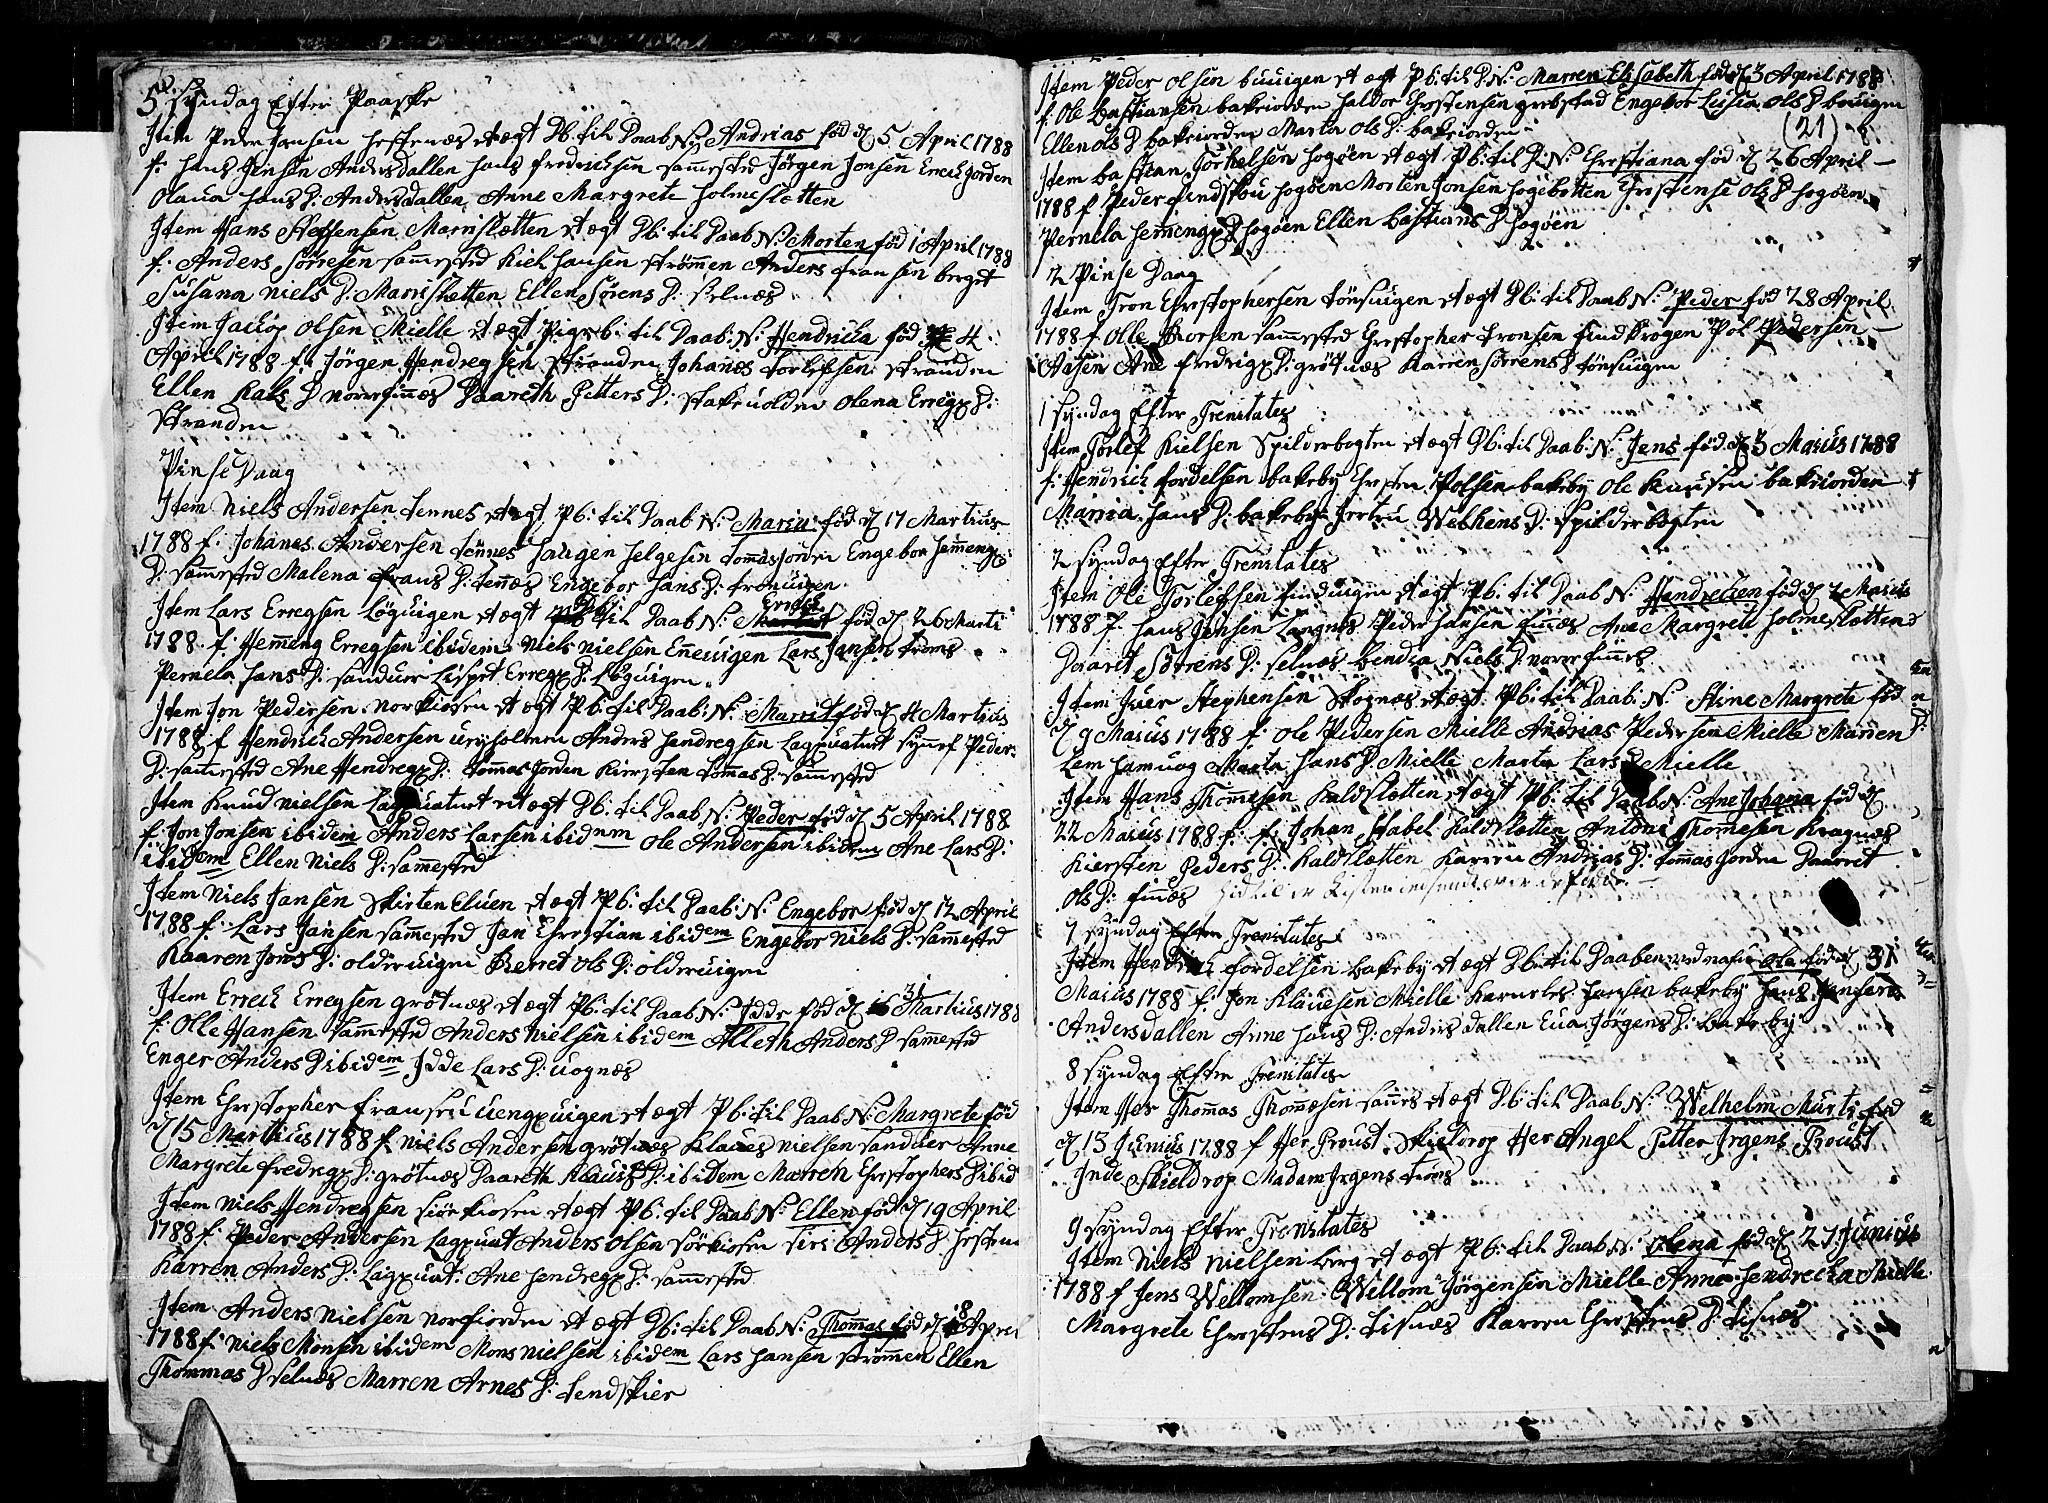 SATØ, Tromsø sokneprestkontor/stiftsprosti/domprosti, G/Ga/L0004kirke: Ministerialbok nr. 4, 1787-1795, s. 21